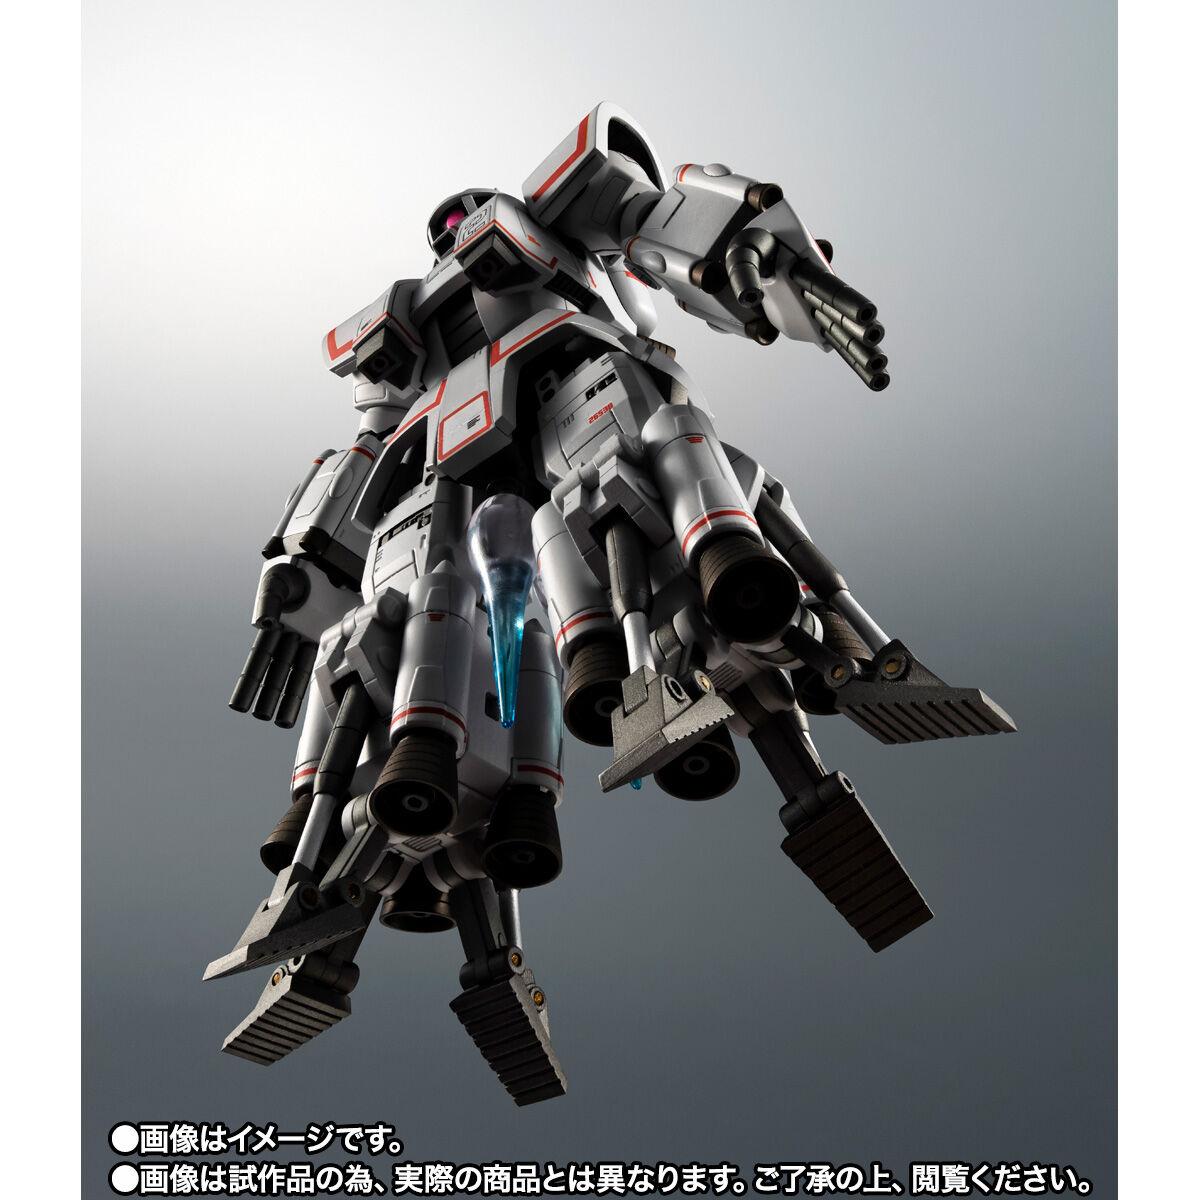 【限定販売】ROBOT魂〈SIDE MS〉『MSN-01 高速機動型ザク ver. A.N.I.M.E.』ガンダムMSV 可動フィギュア-009